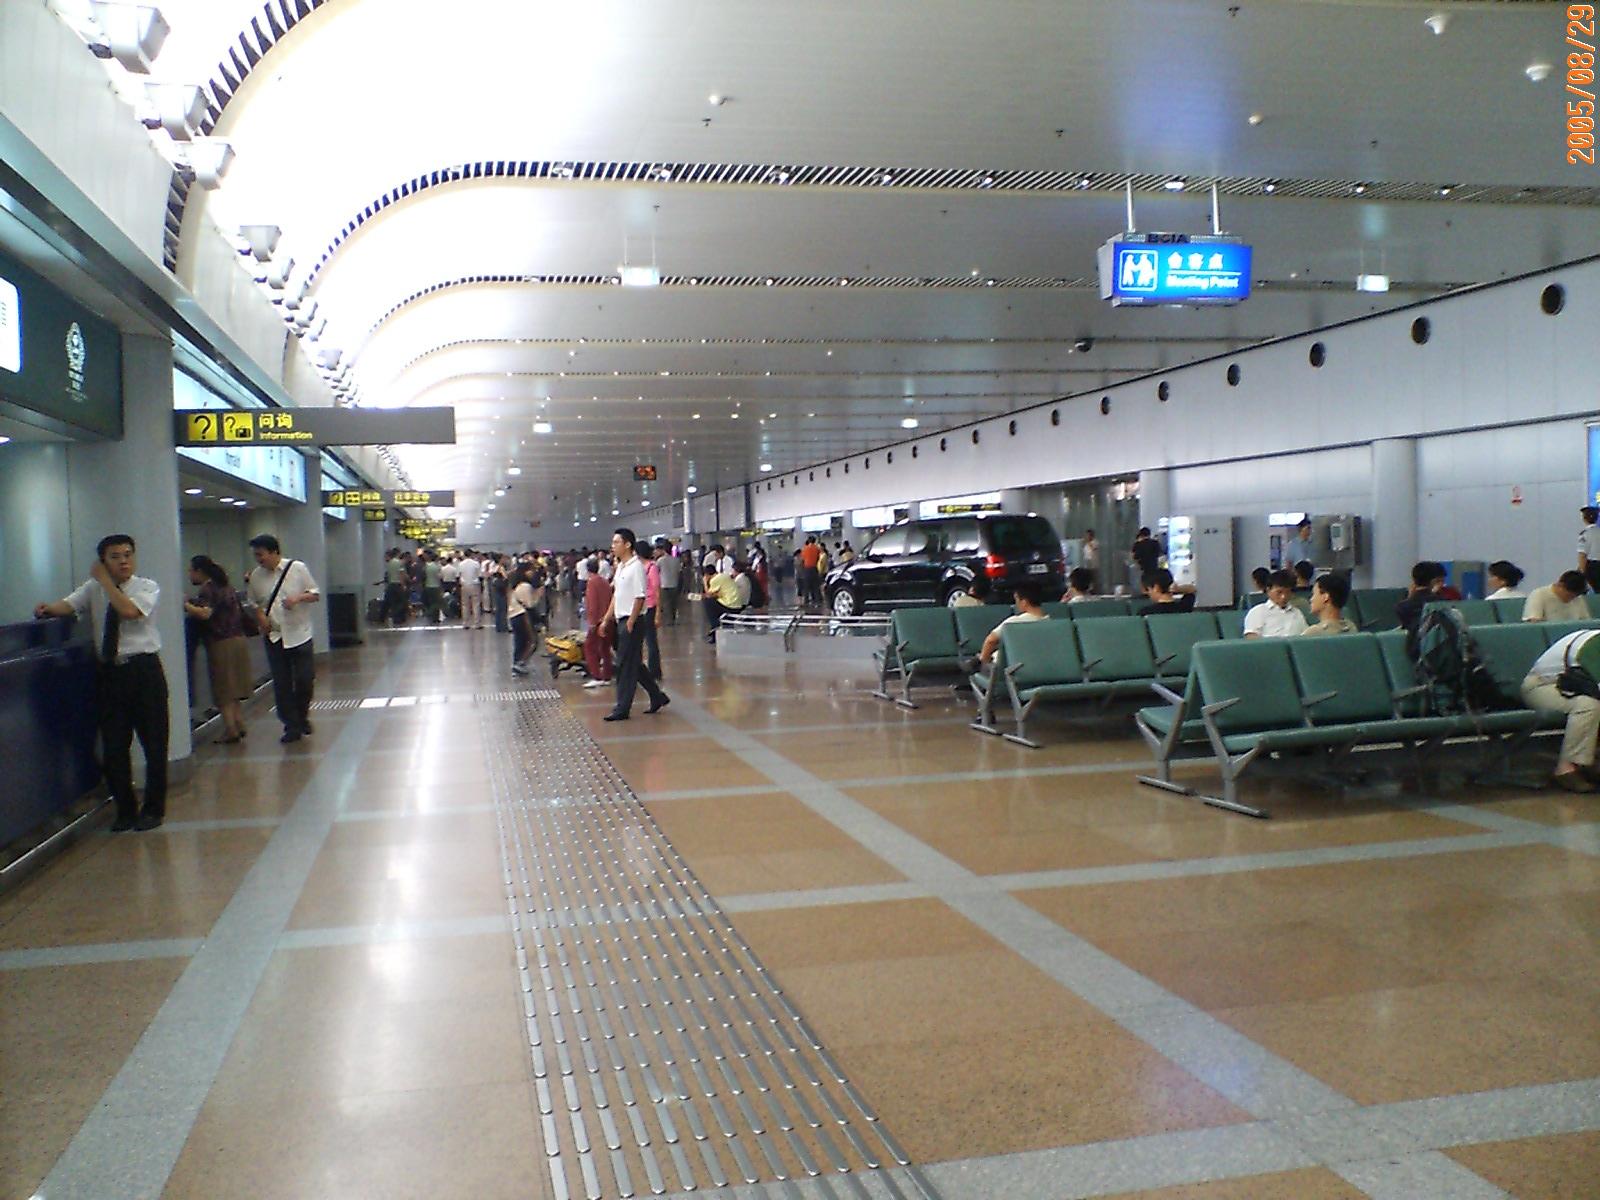 北京空港が凄い!市内へアクセスは?ラウンジ・広い構内は圧巻!お土産店も充実!